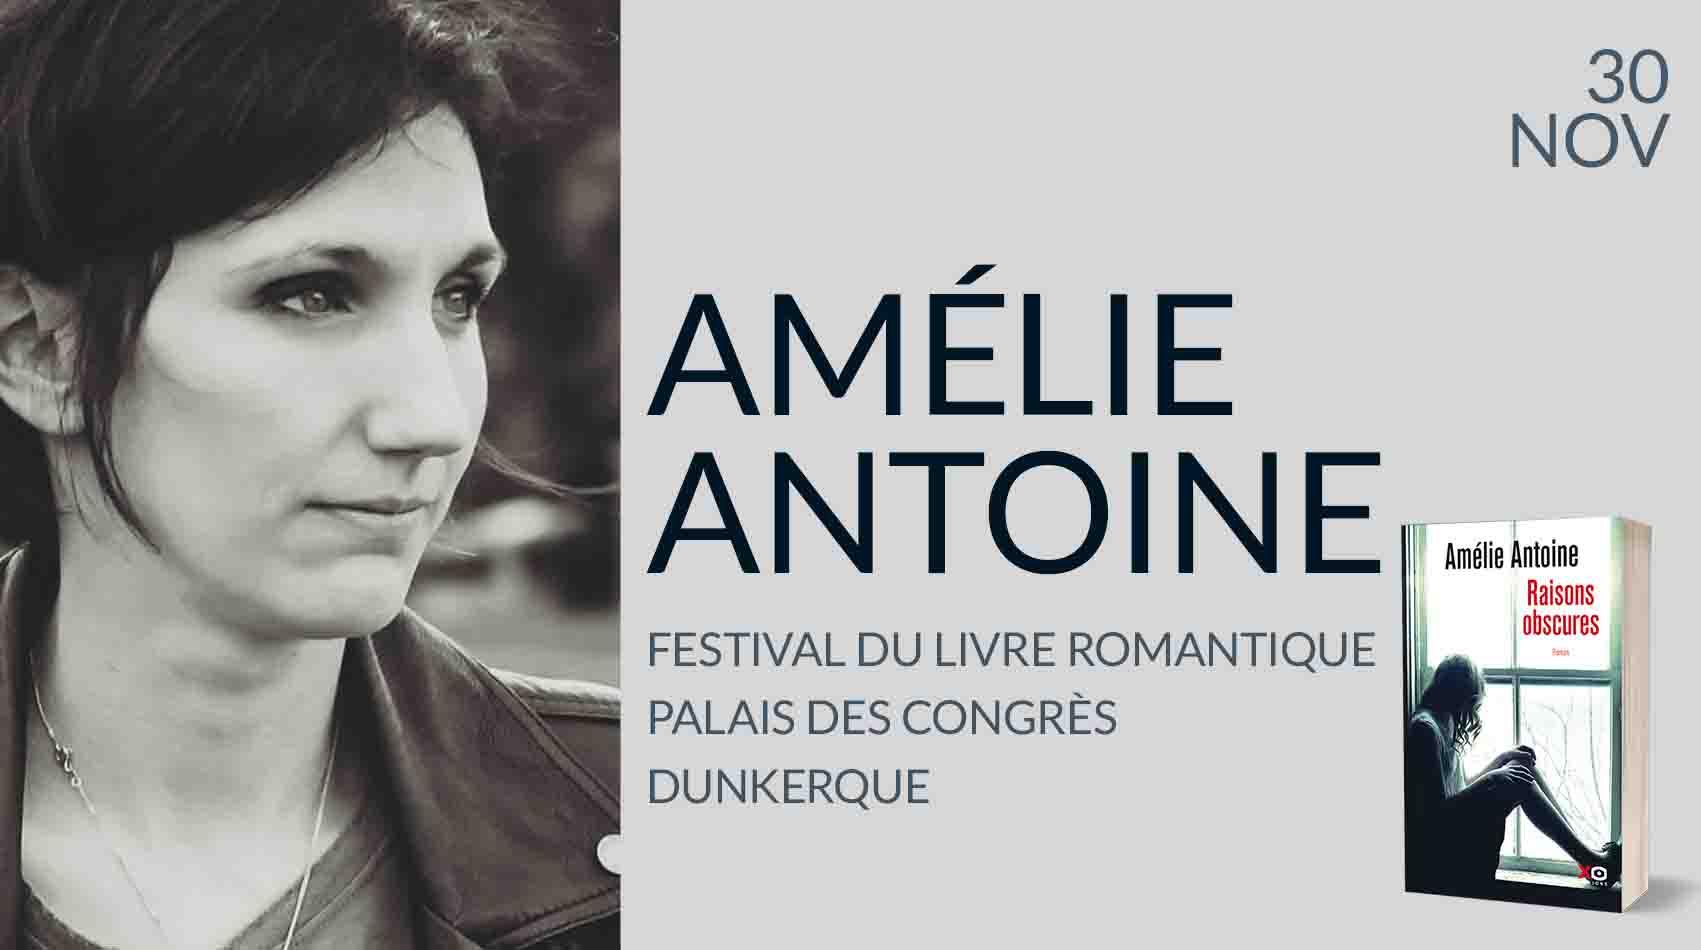 AMÉLIE ANTOINE AU FESTIVAL DU LIVRE ROMANTIQUE DE DUNKERQUE